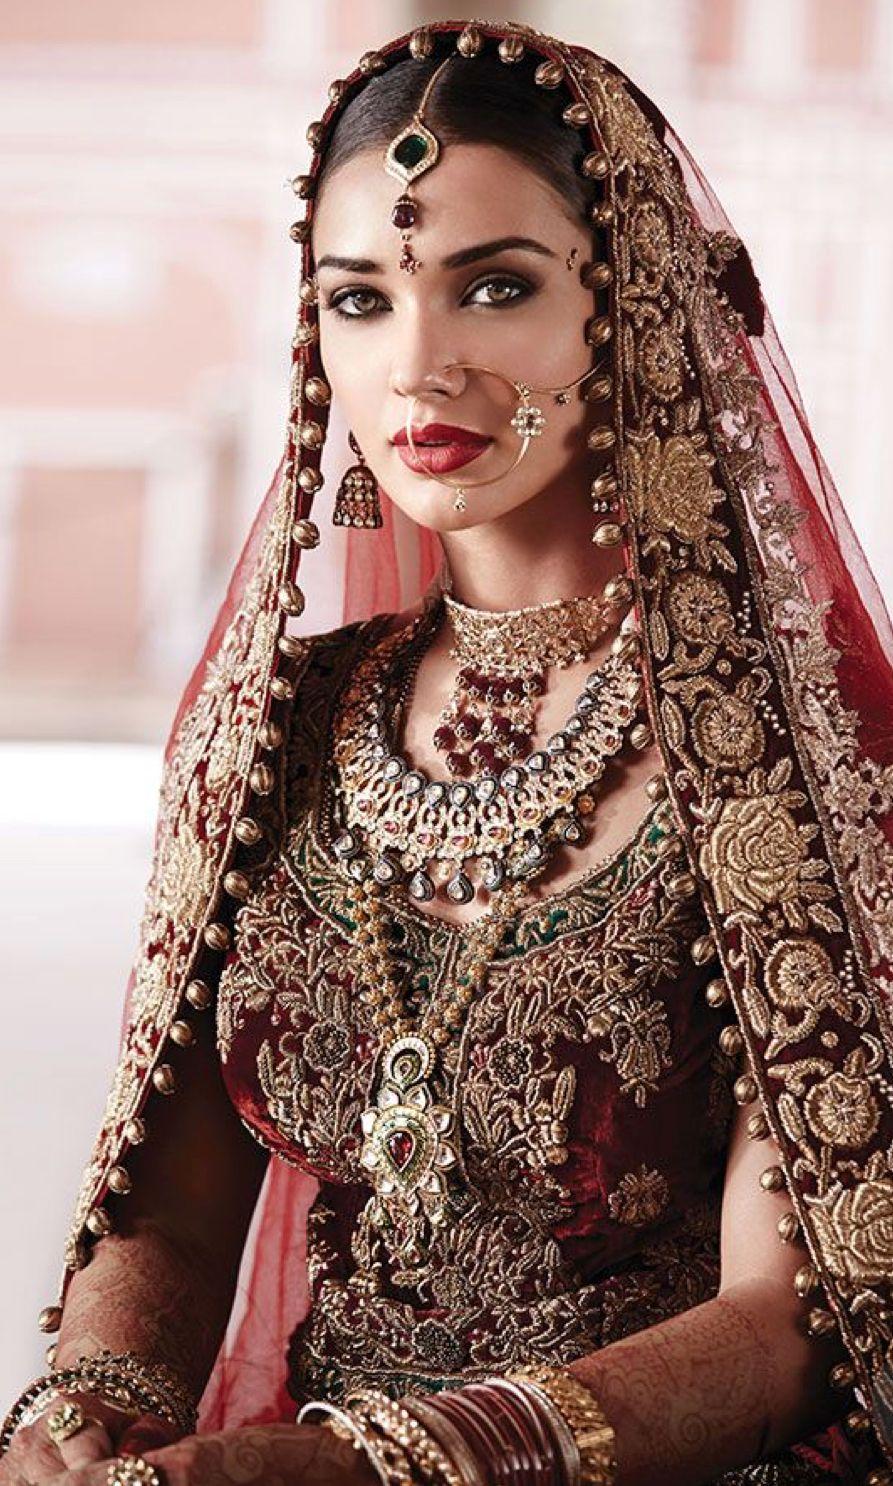 Pin by adeniyi adetoro on genius pinterest india fashion and fashion